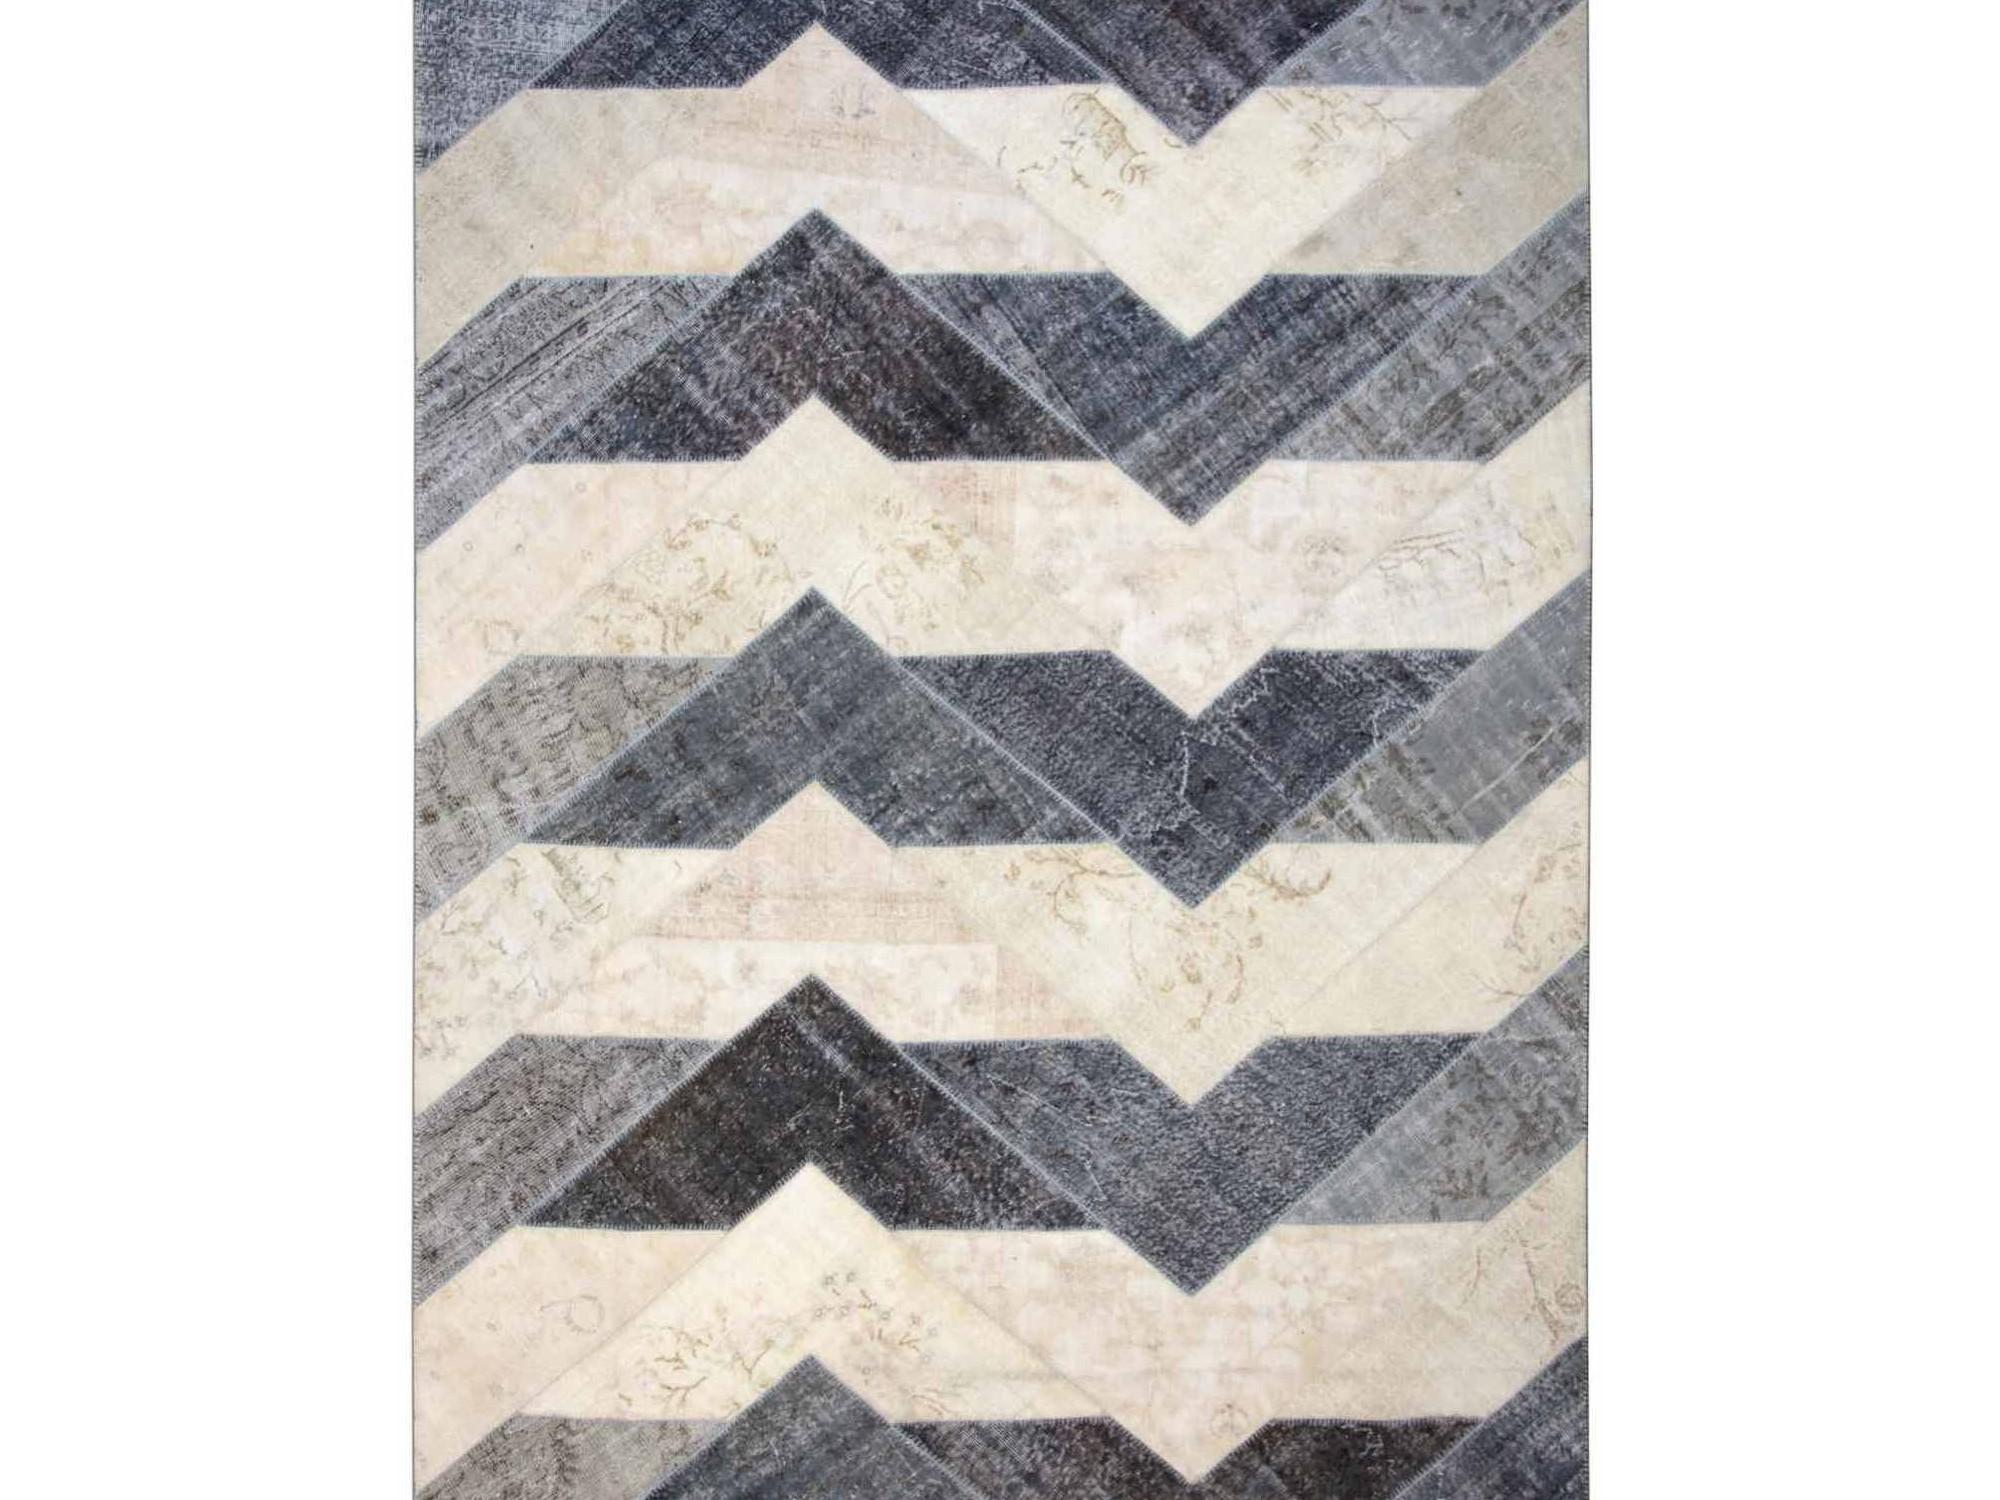 Ковер PatchworkПрямоугольные ковры<br>Винтажный ковер ручной работы в стиле &amp;quot;пэчворк&amp;quot; <br>из 100% шерсти. Ковер прекрасно подходит в <br>любые современные и классические интерьеры, <br>а благодаря толщине ковра всего 5 мм. и отсутствию <br>ворса, его легко чистить любыми видами пылесосов. <br>Этот настоящий ковер ручной работы не потеряет <br>своих красок и будет служить десятилетия.<br><br>Material: Шерсть<br>Ширина см: 250<br>Глубина см: 353